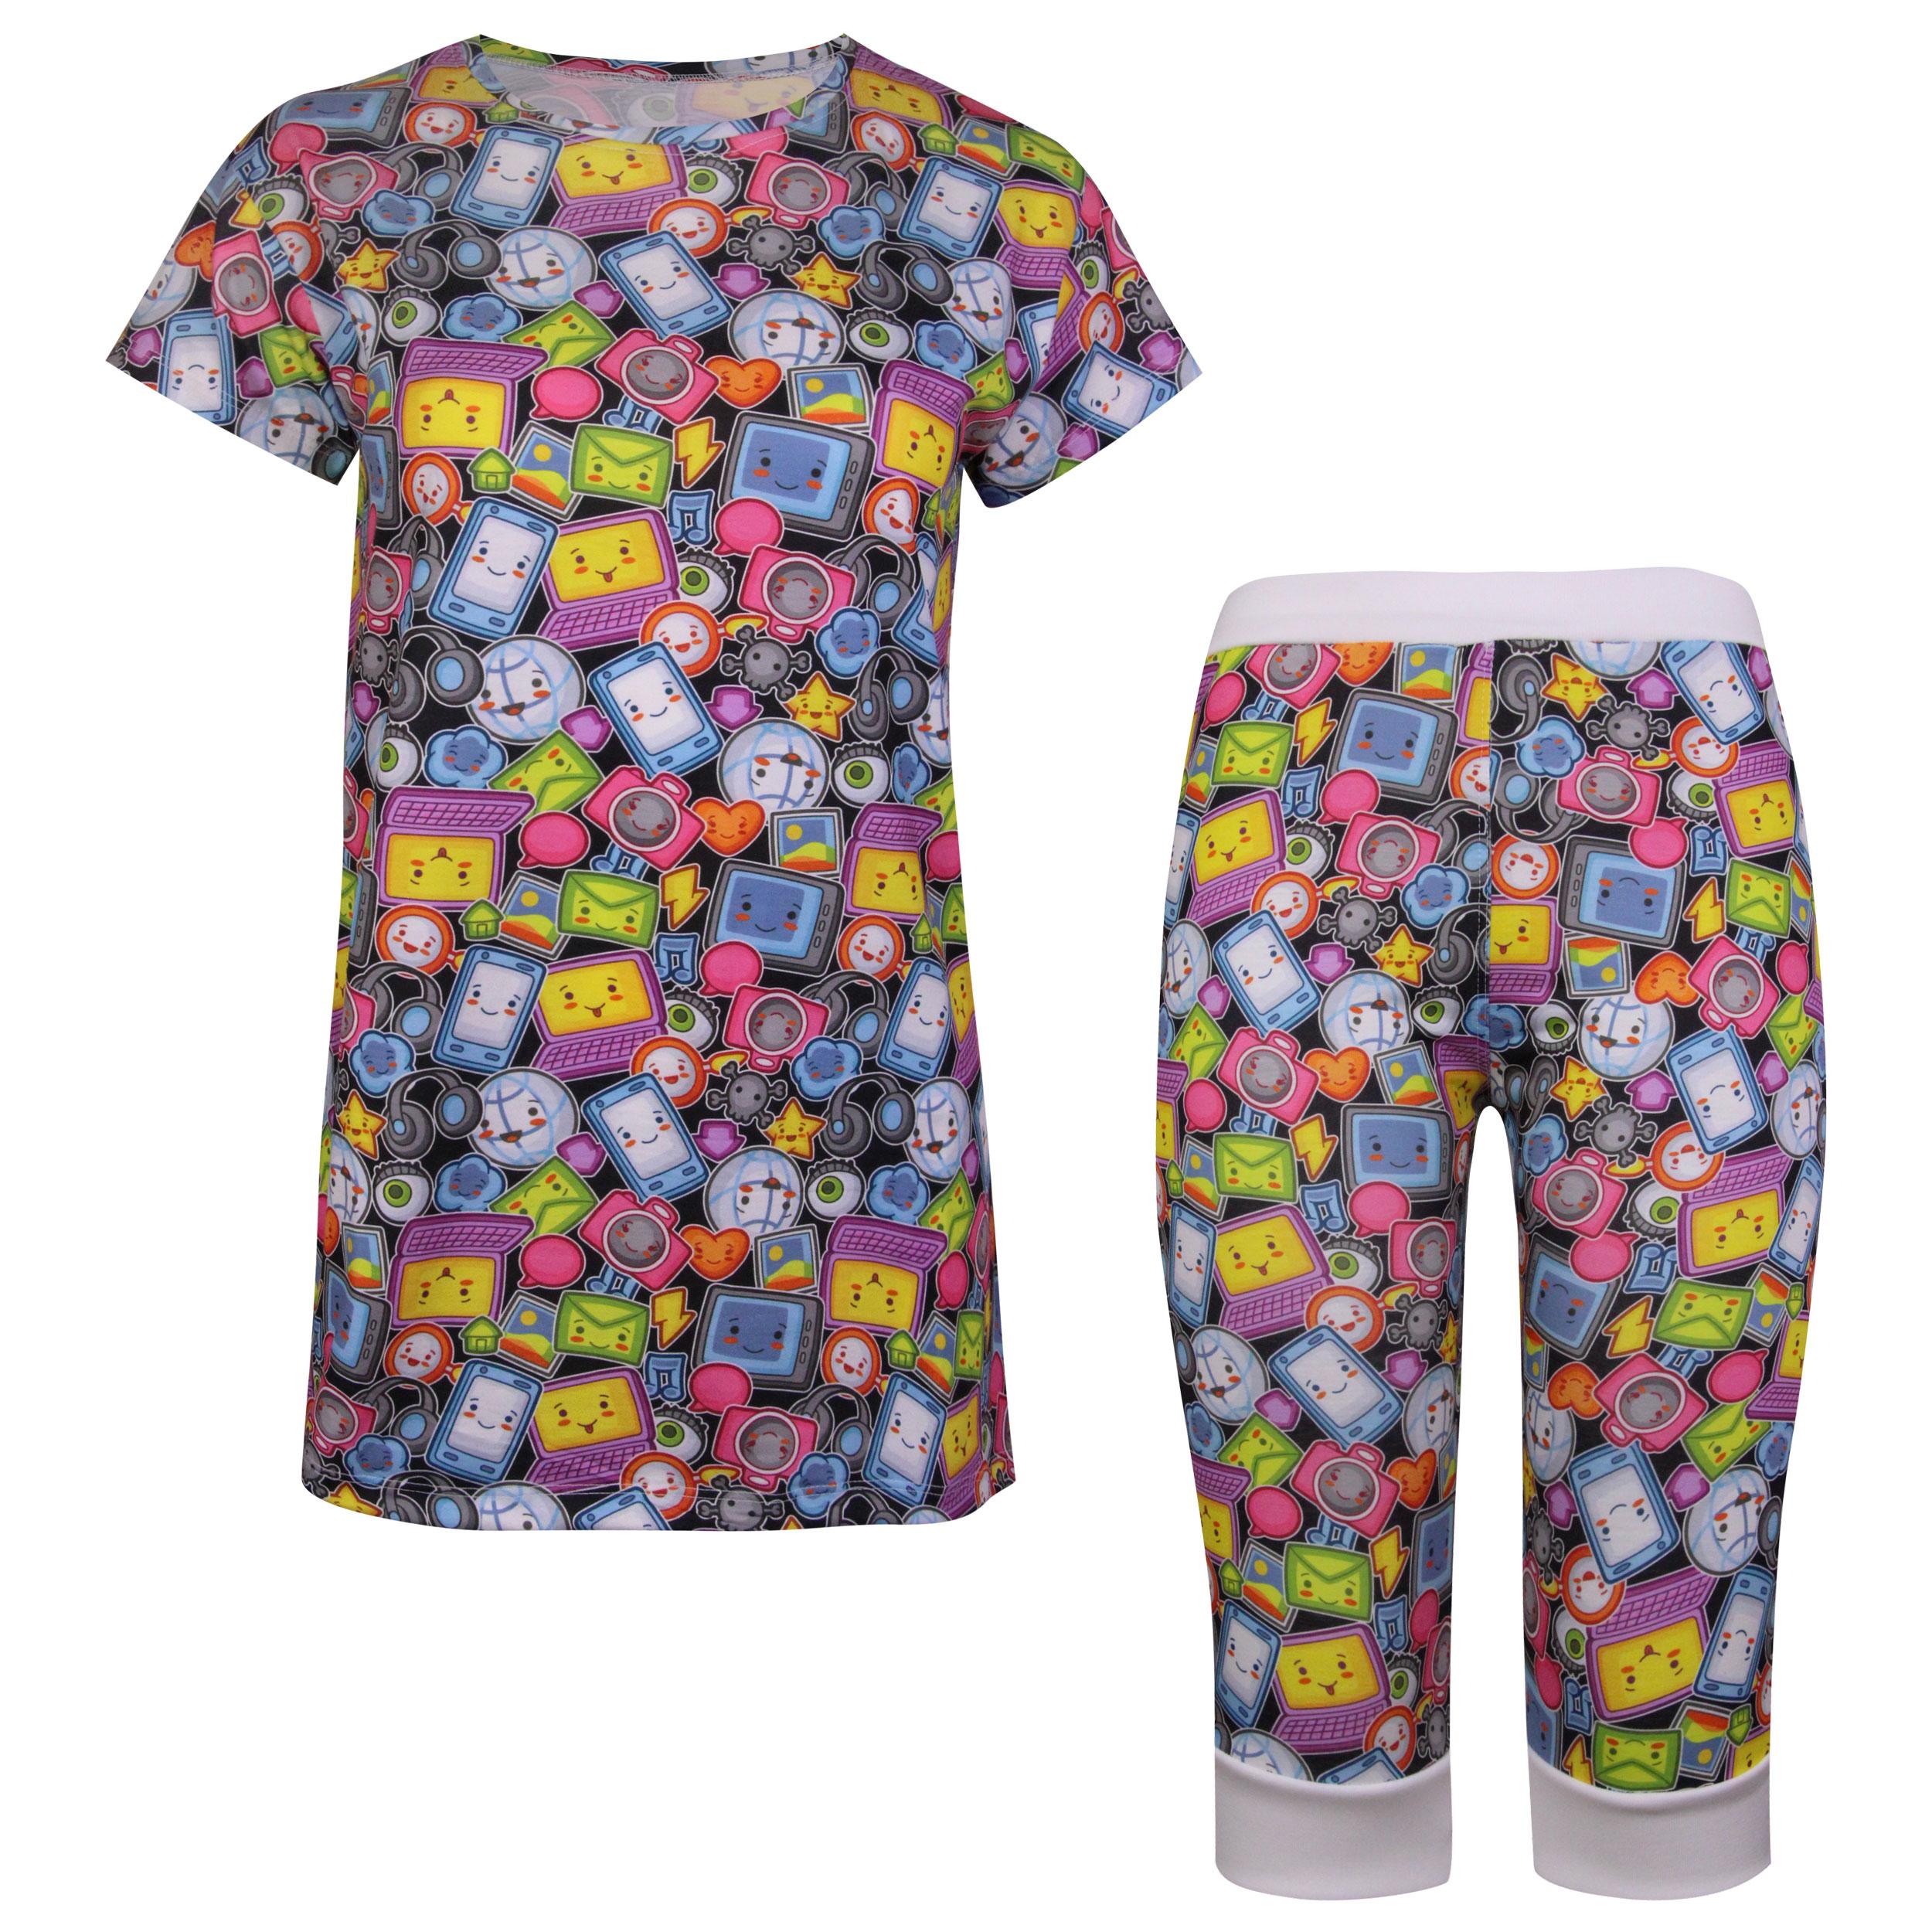 ست تی شرت و شلوارک زنانه ماییلدا مدل 3586-3